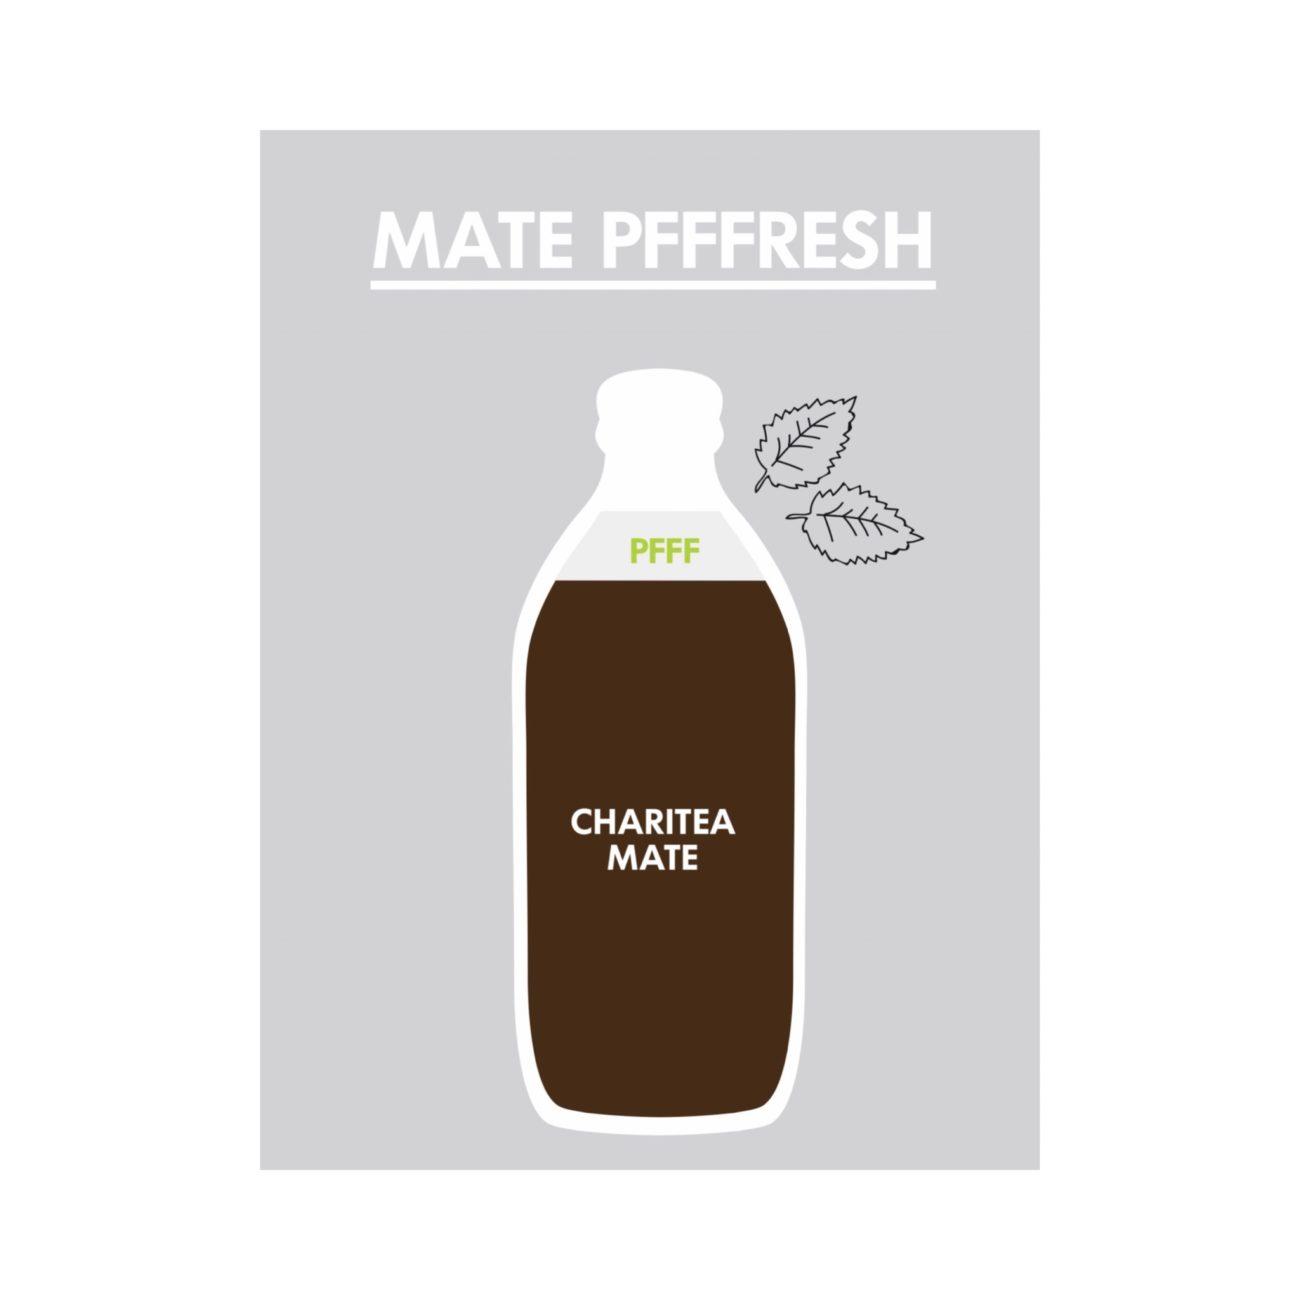 PFFF, Bio, Pfefferminzlikör, Mate, ChariTea, Drink, Logdrink